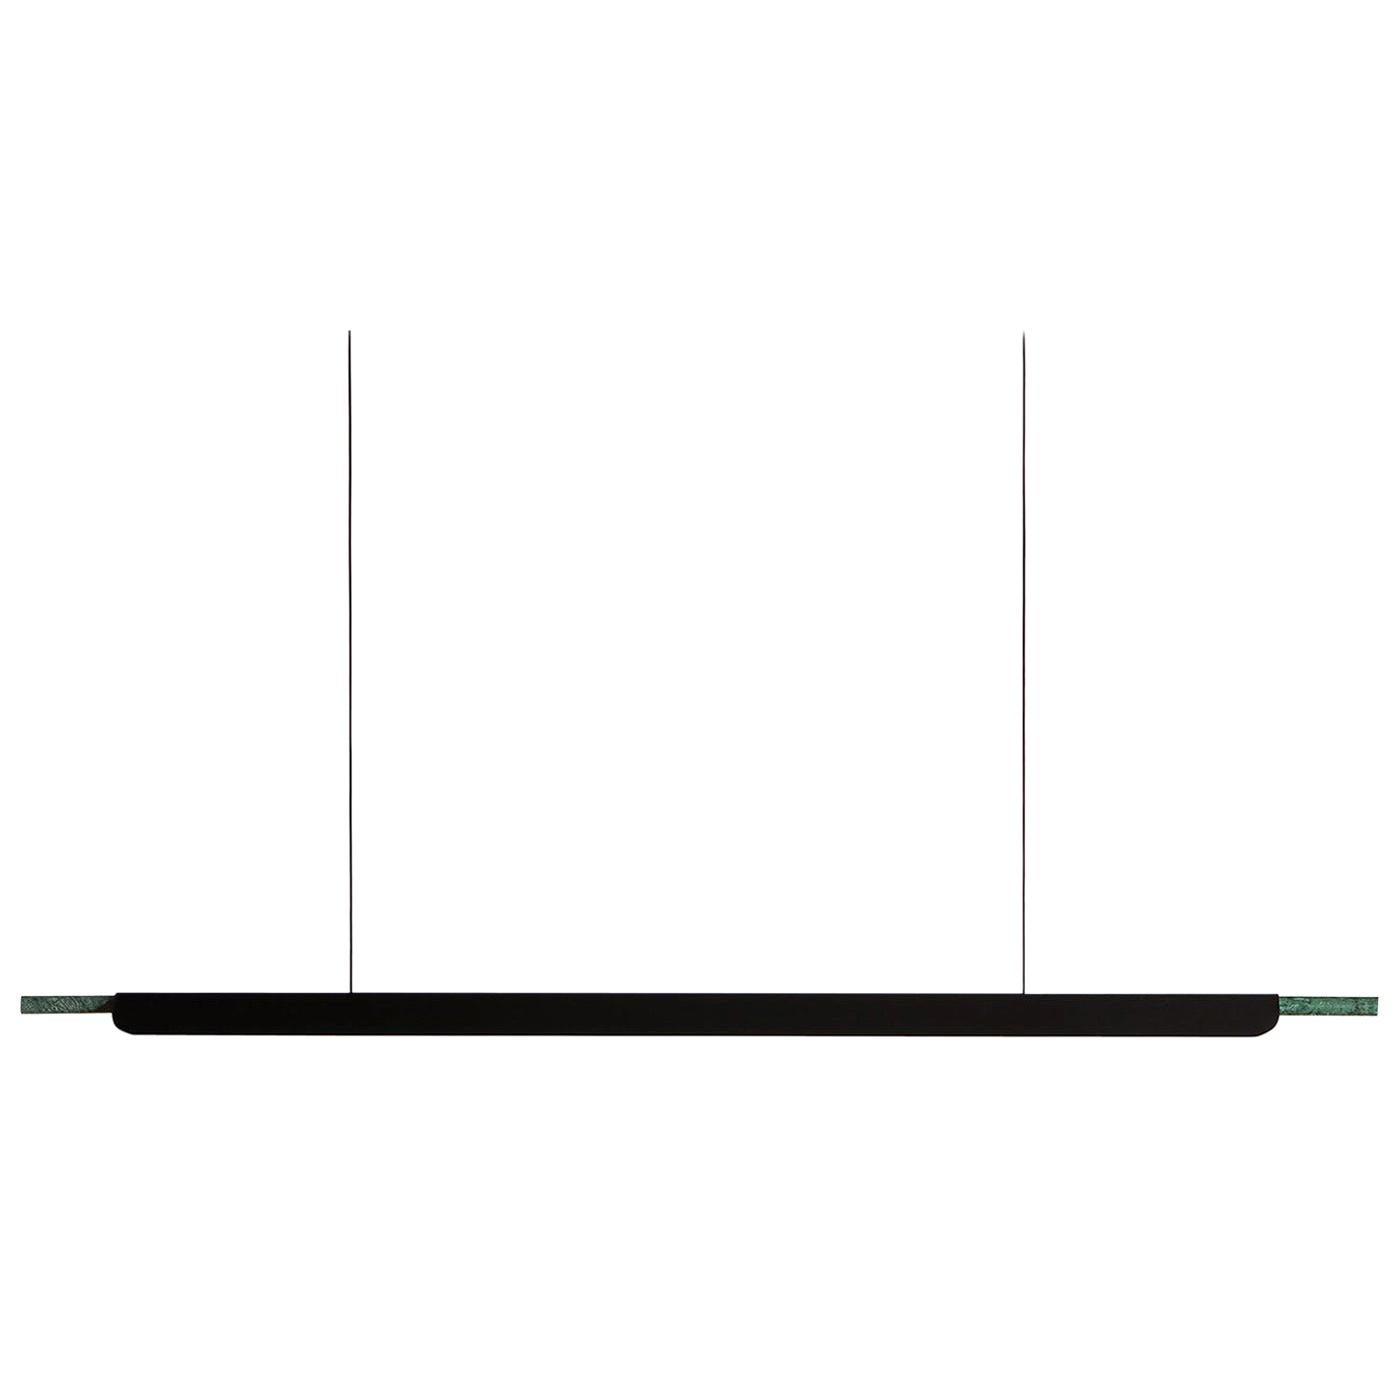 Formation Linear Pendant LED Aluminum Marble Fixture, Matte Black